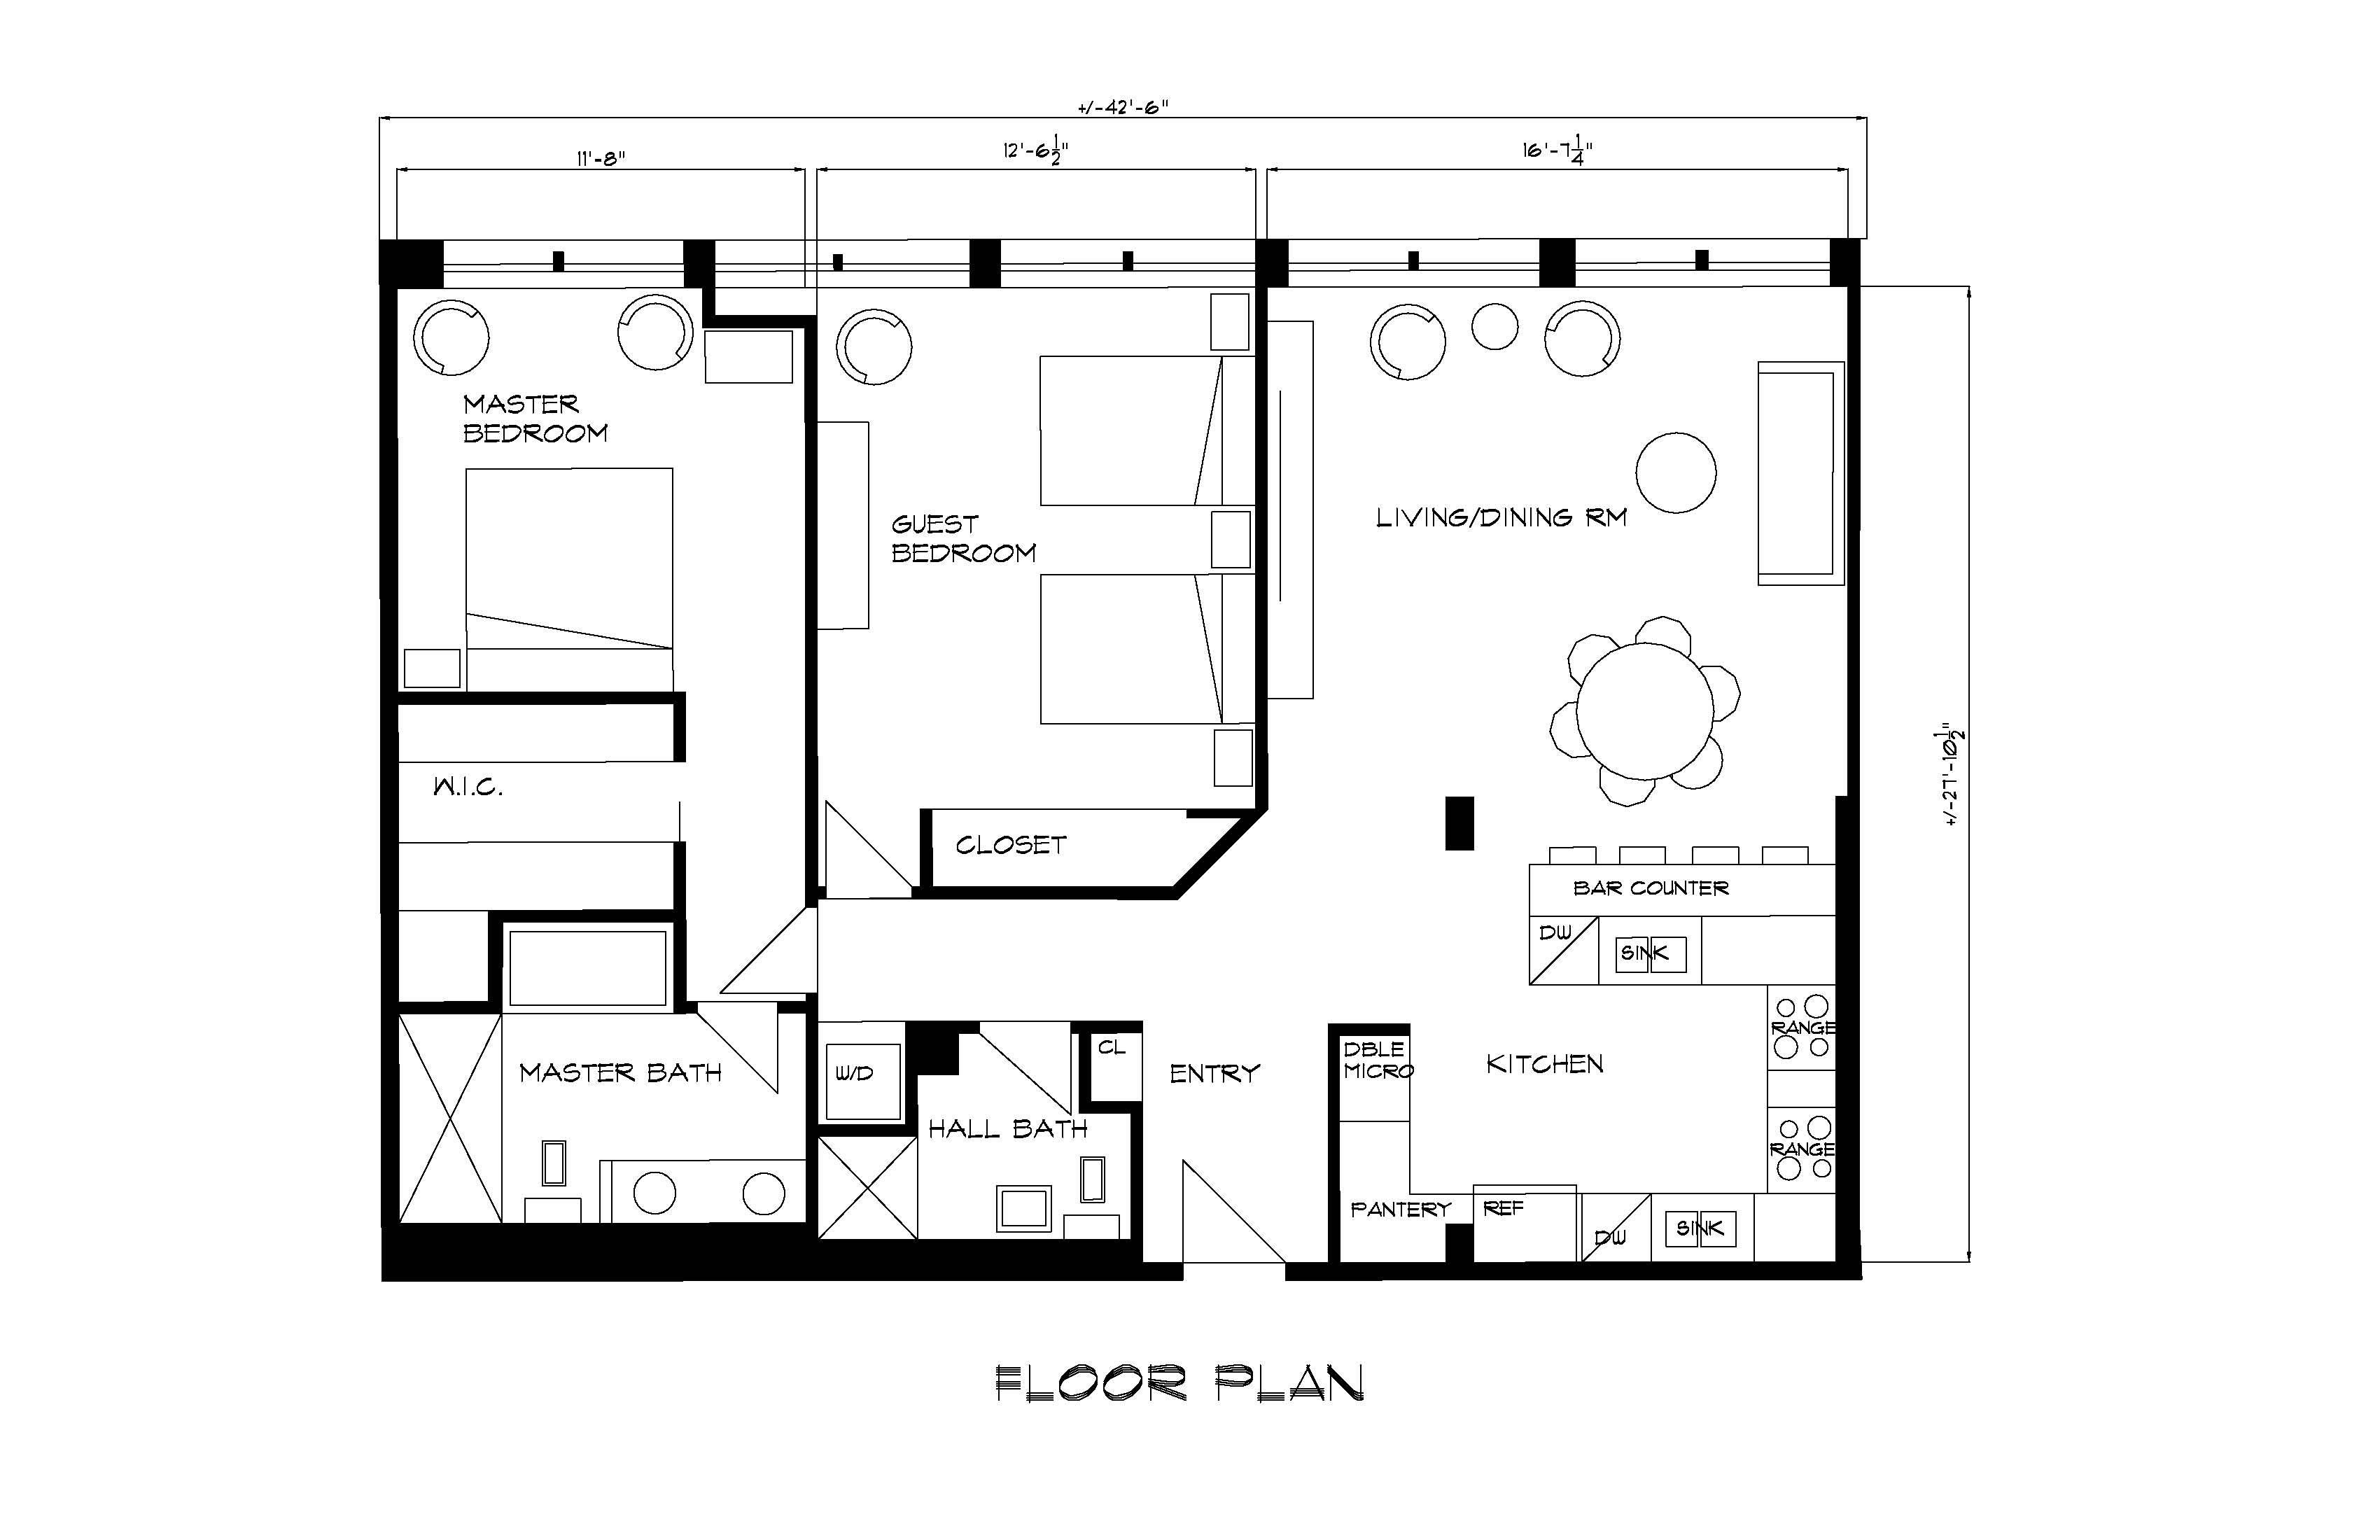 Viewdesignerproject projectfloor plans for Oceanfront floor plan